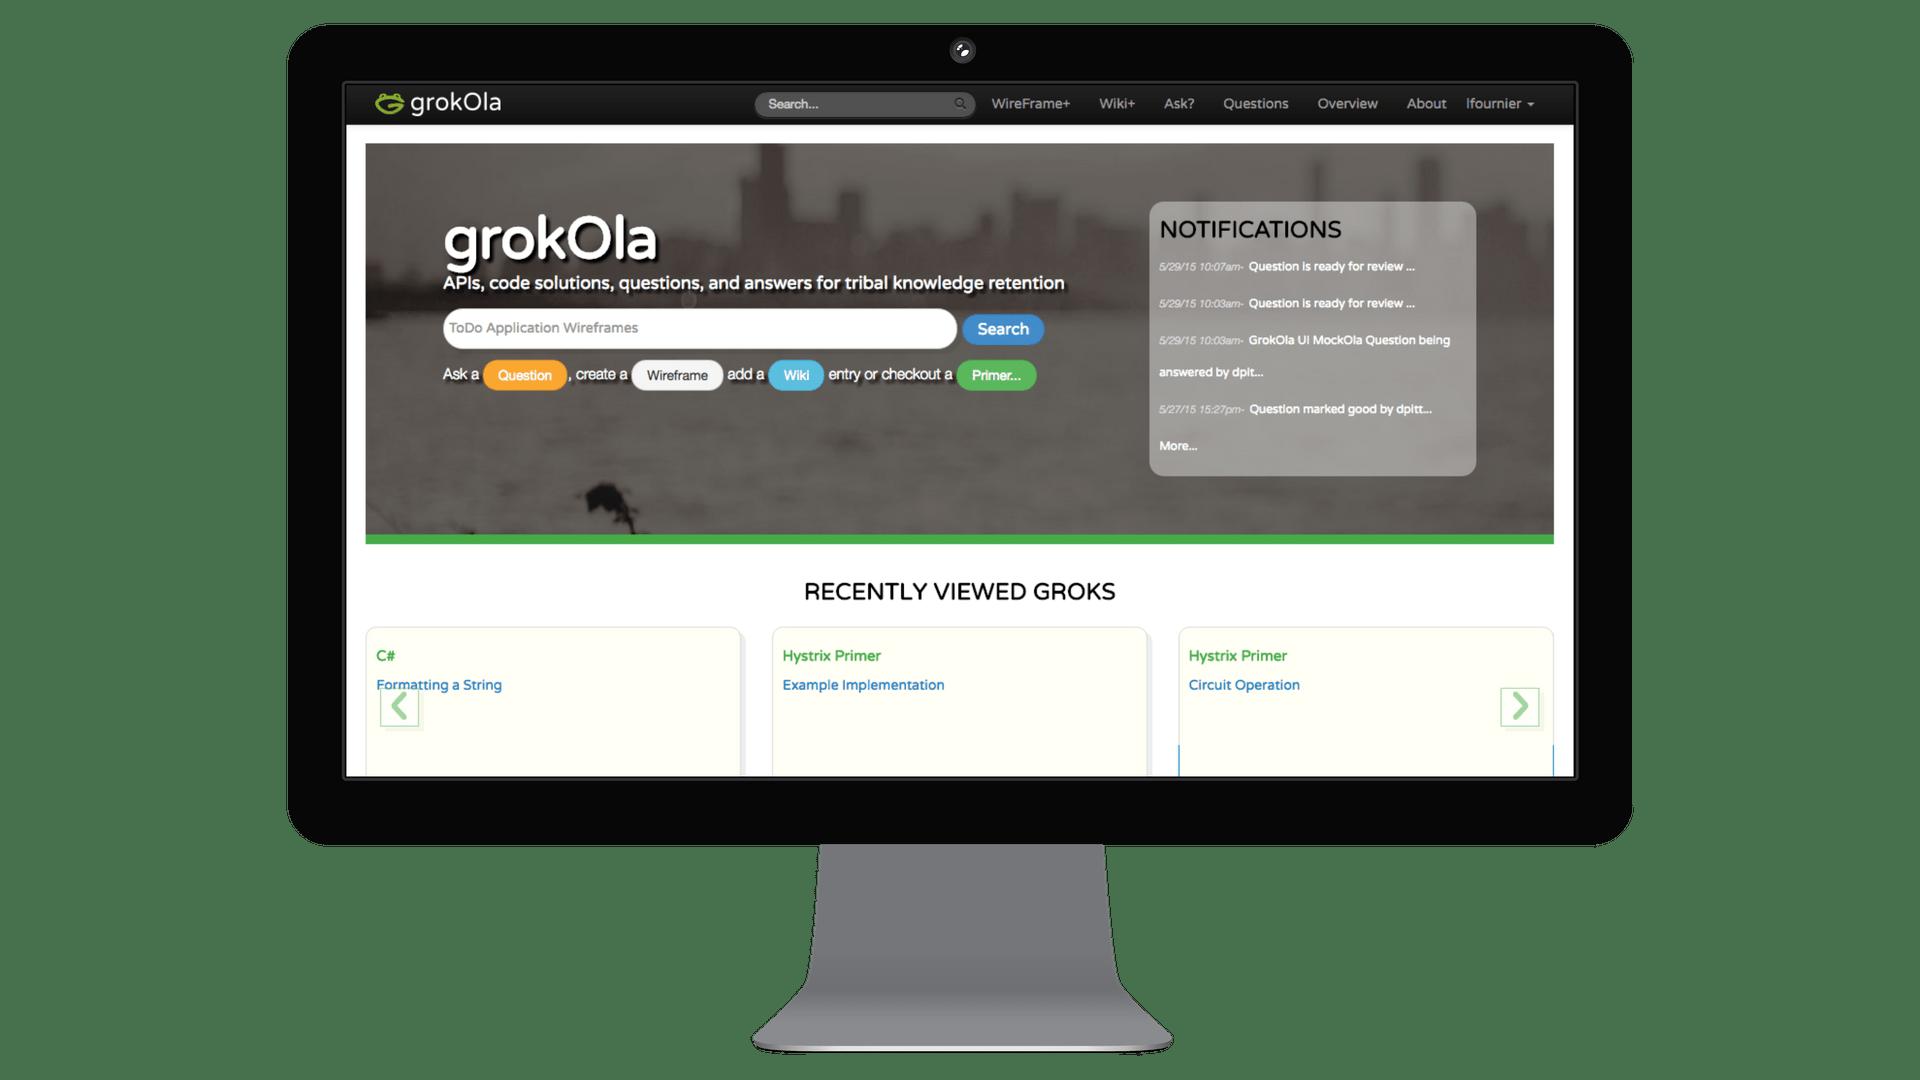 GrokOla